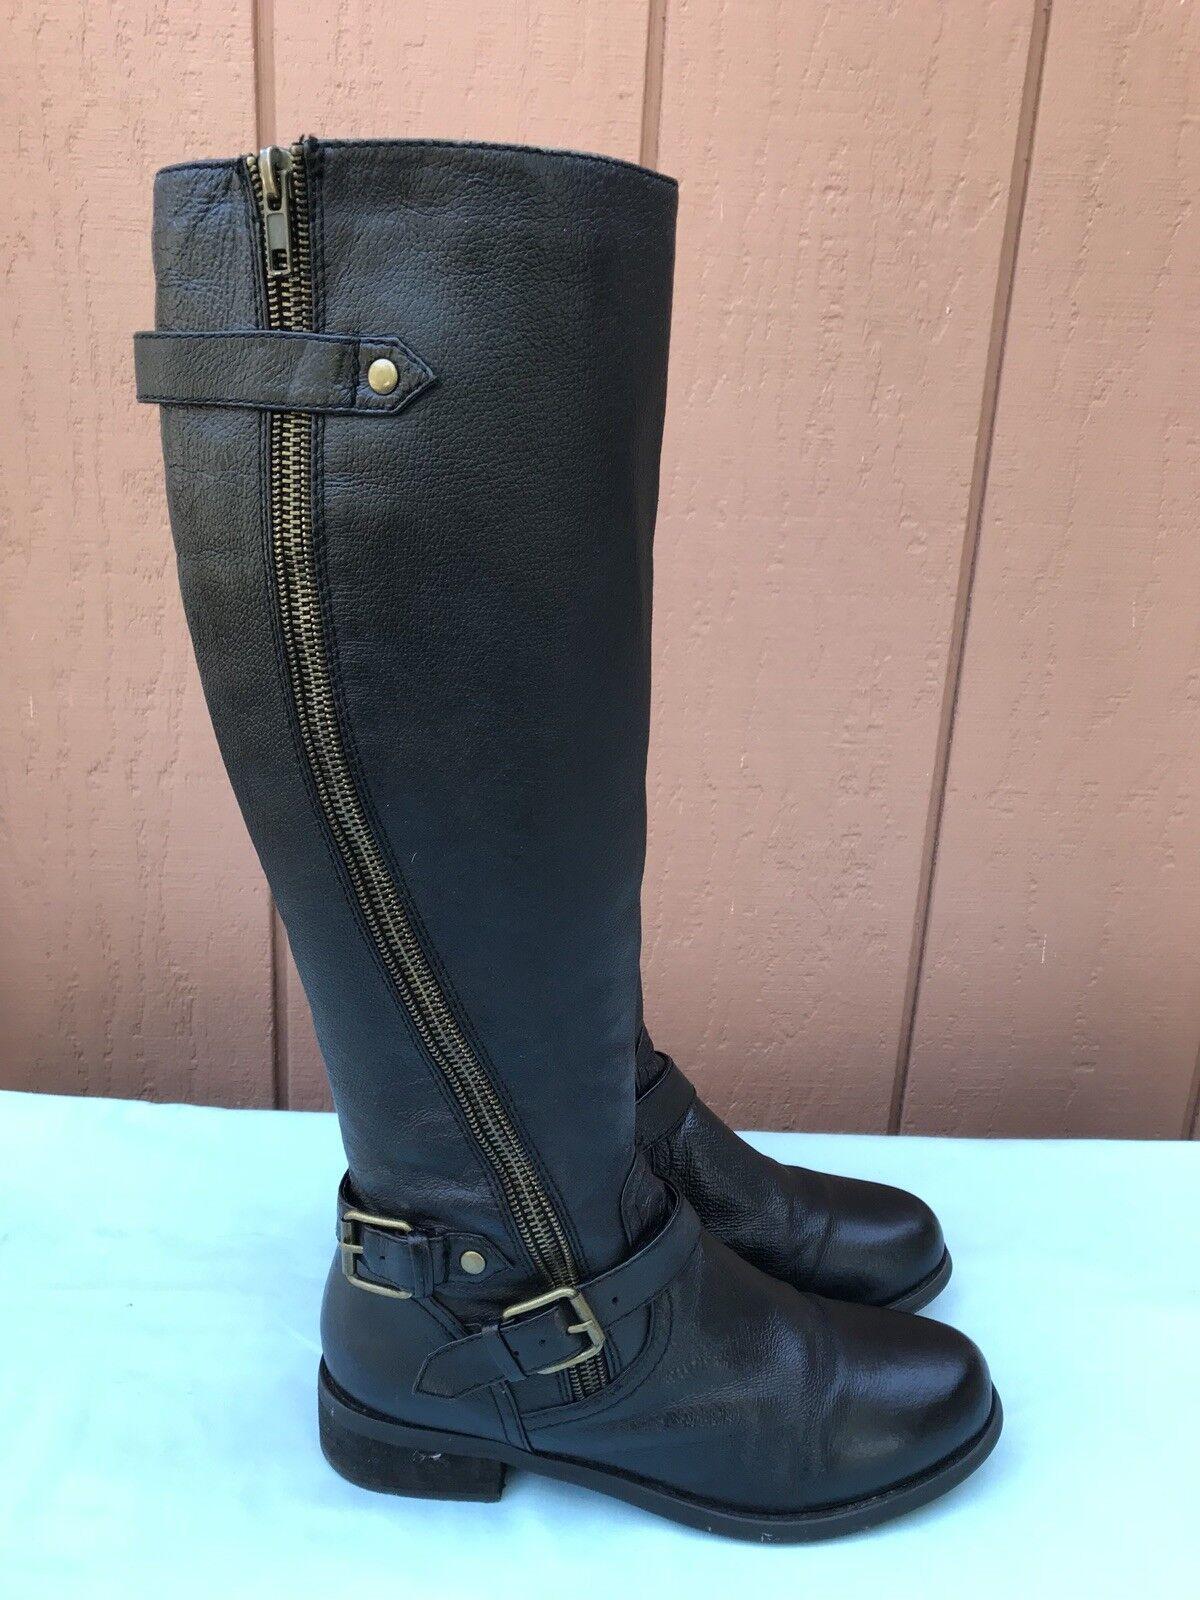 Excelente condición usada Steve Madden Synicle nos para Mujer Negro Cuero Moto botas 8.5 A9